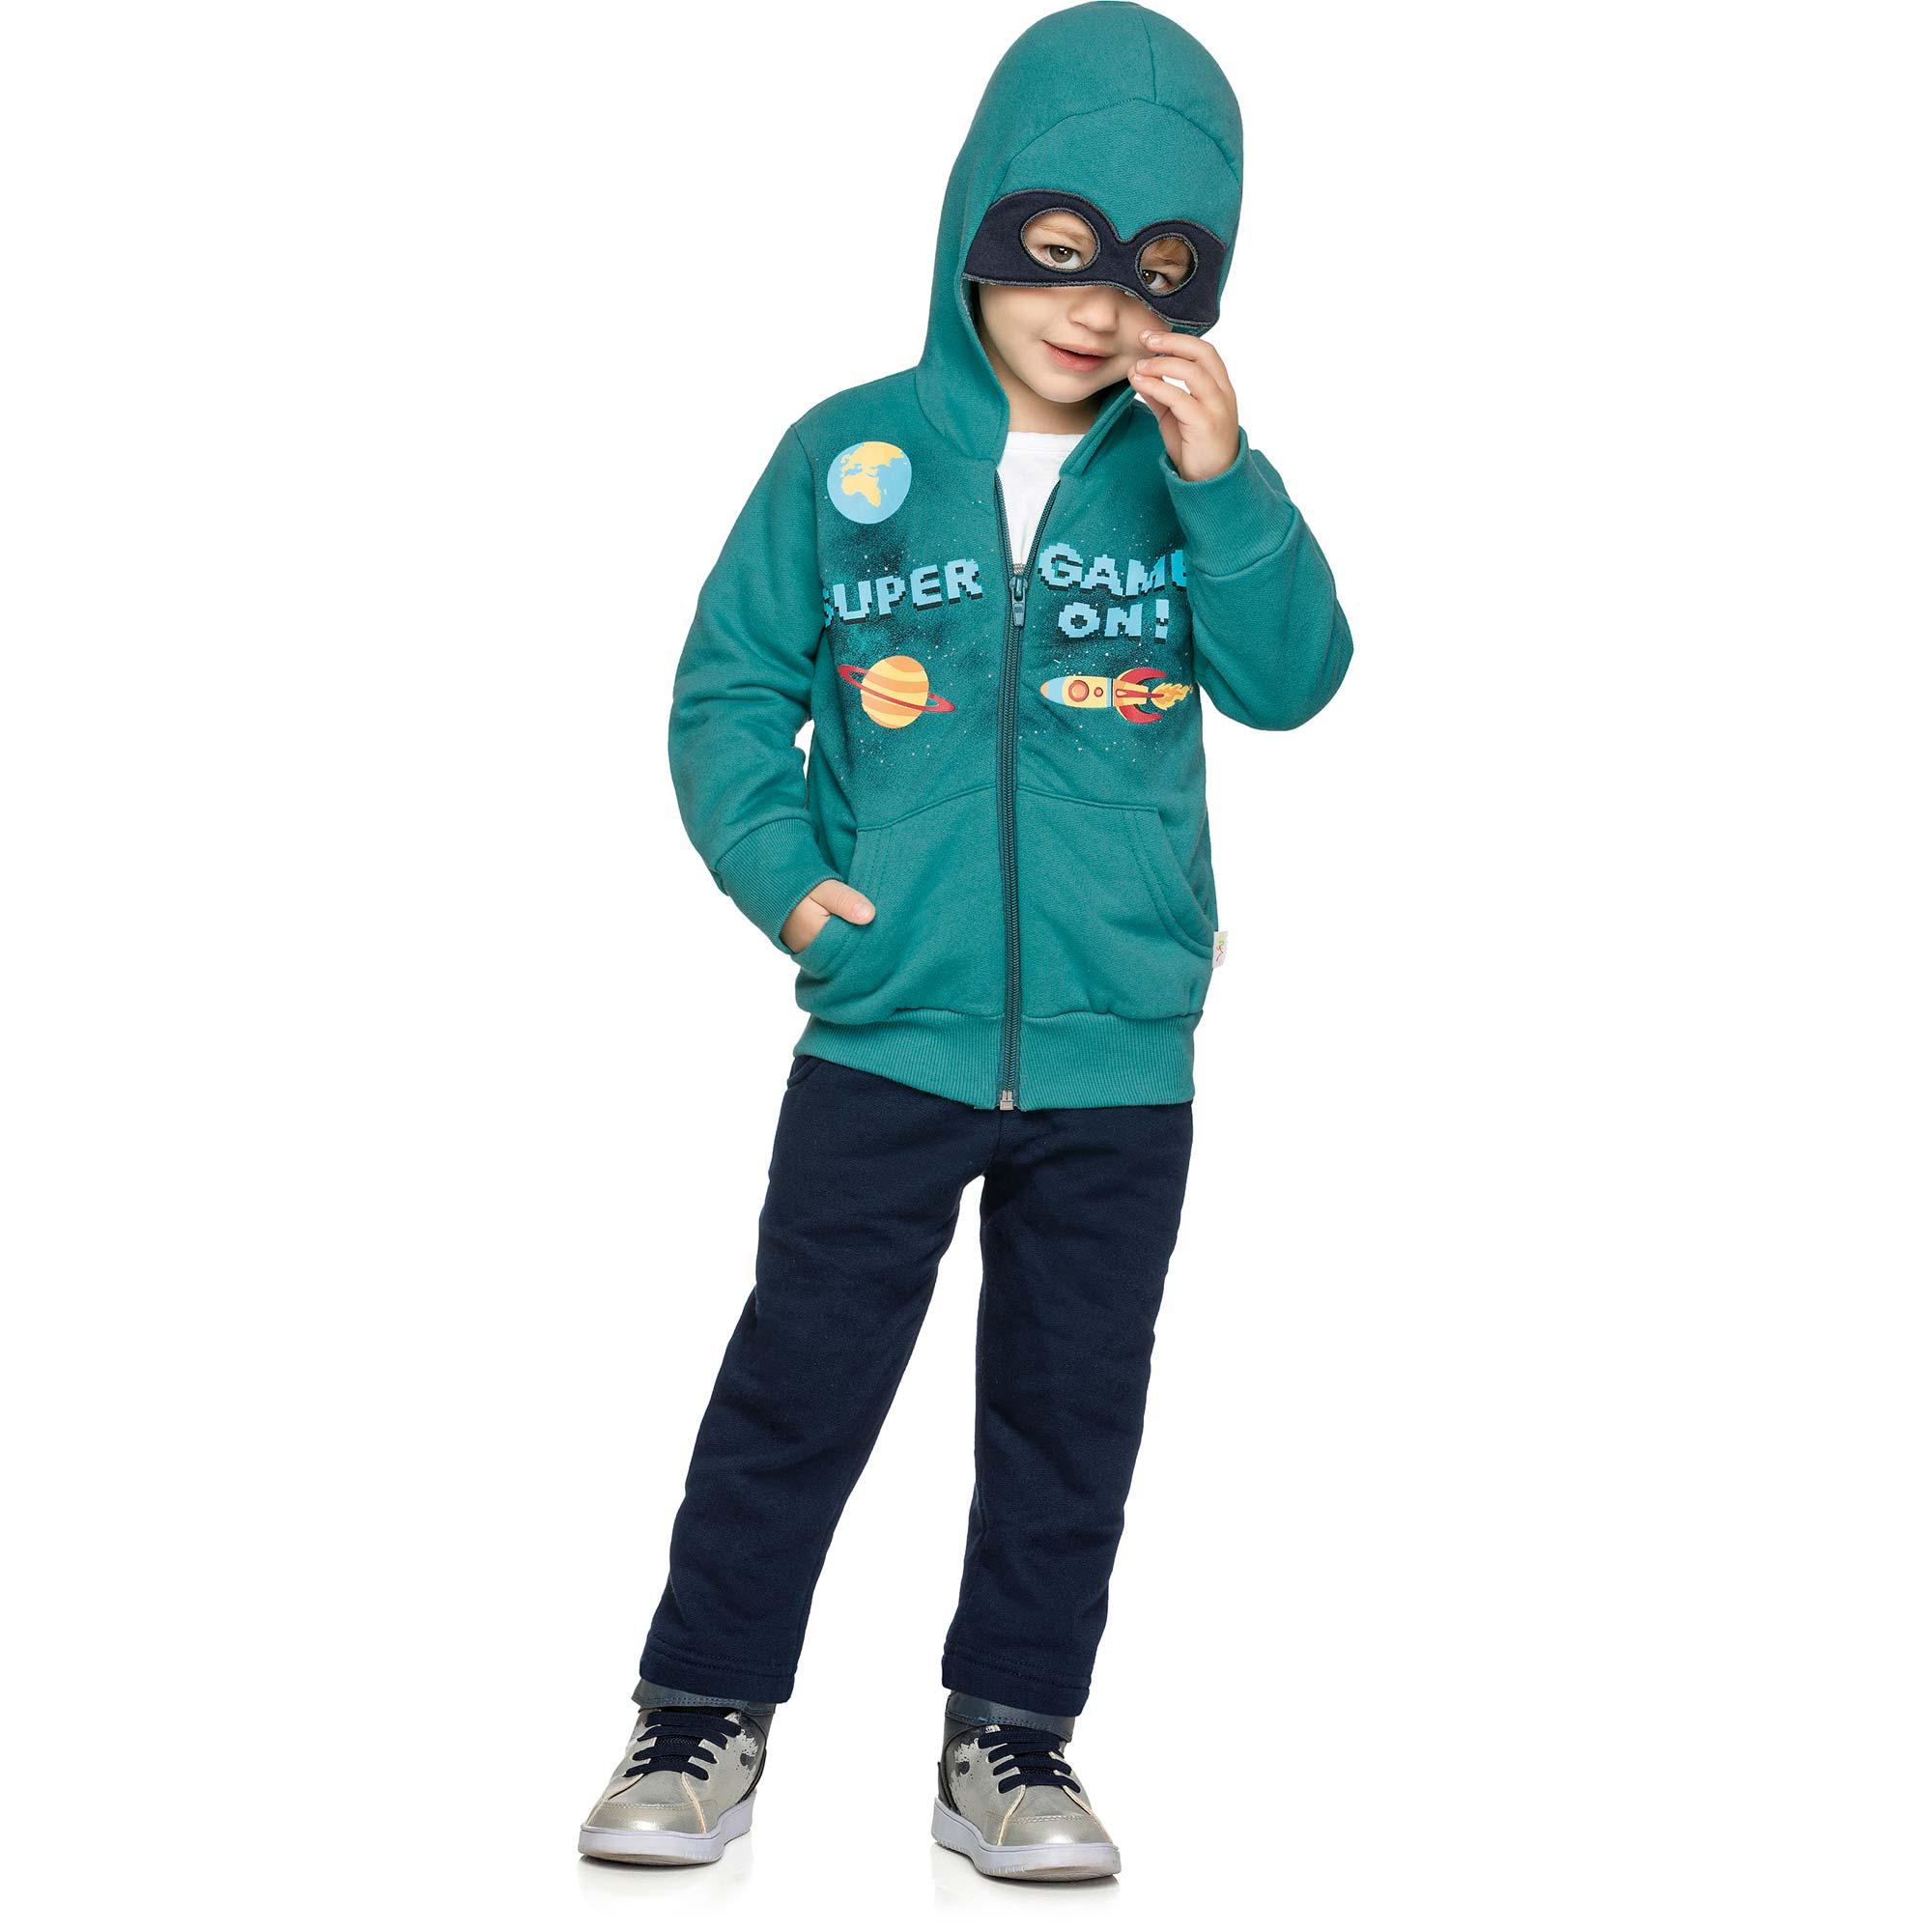 Conjunto Masculino Infantil Elian com Jaqueta e Calça - Ref 22863 - Verde